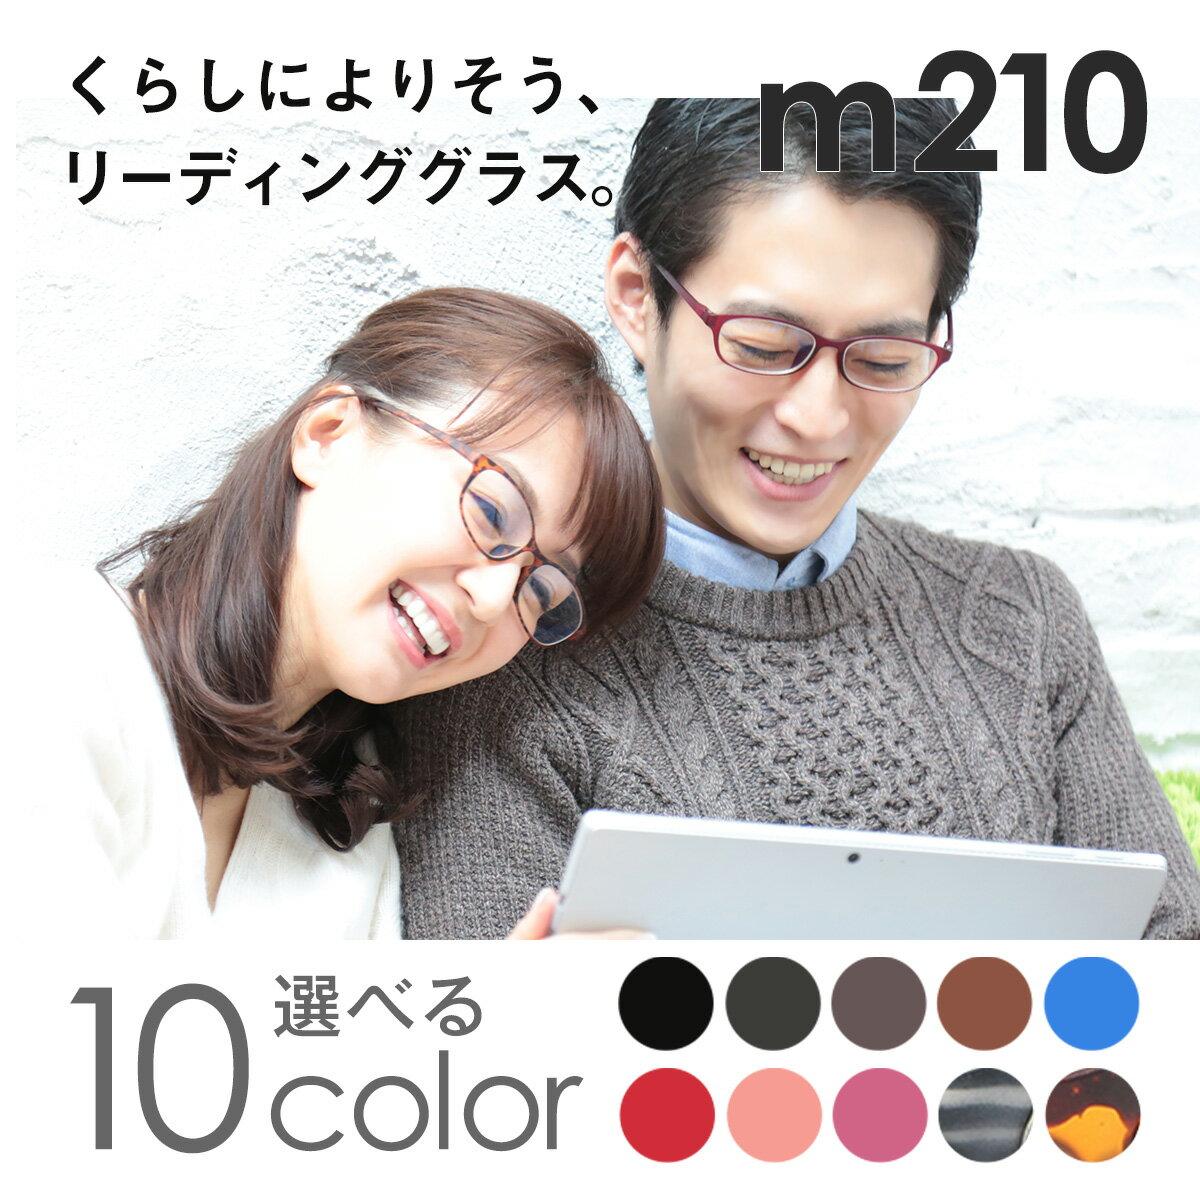 【送料無料】 老眼鏡 男性 女性 おしゃれ ブルーライトカット ブルーライト 10カラーで楽しくなるリーディンググラス 【COLORS】 超軽量モダンスクエア (M-210)